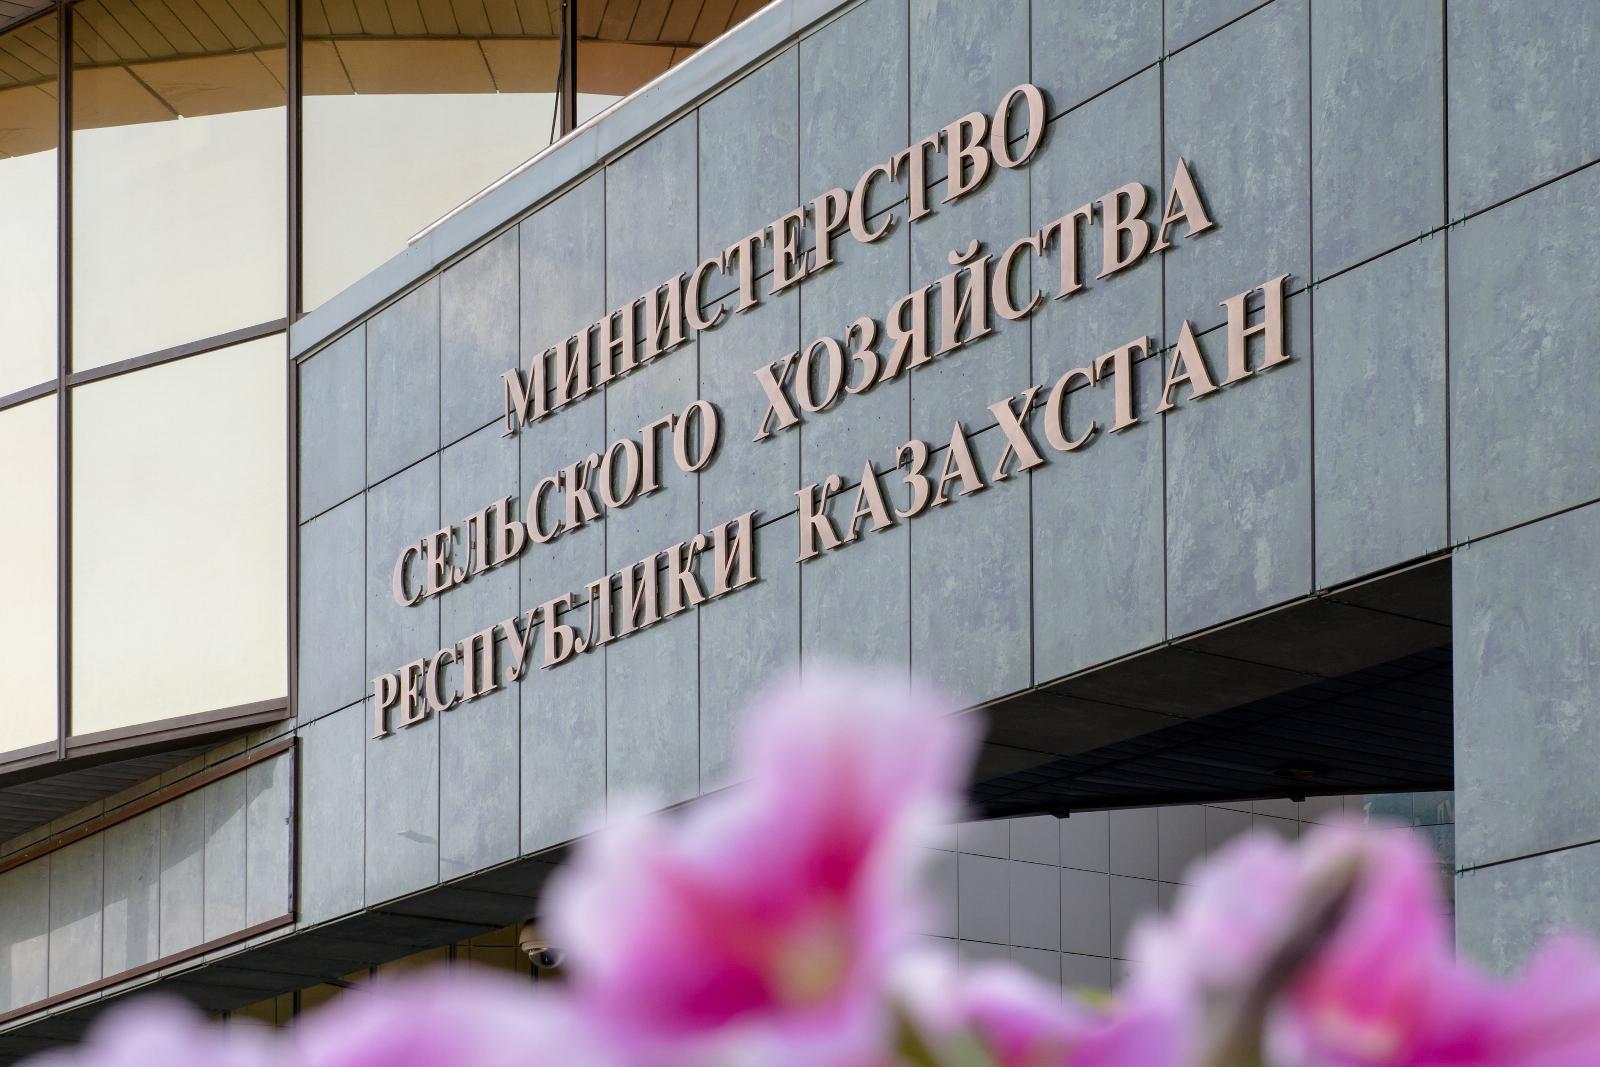 В Казахстане предлагают создать единого оператора эксплуатации водопроводов